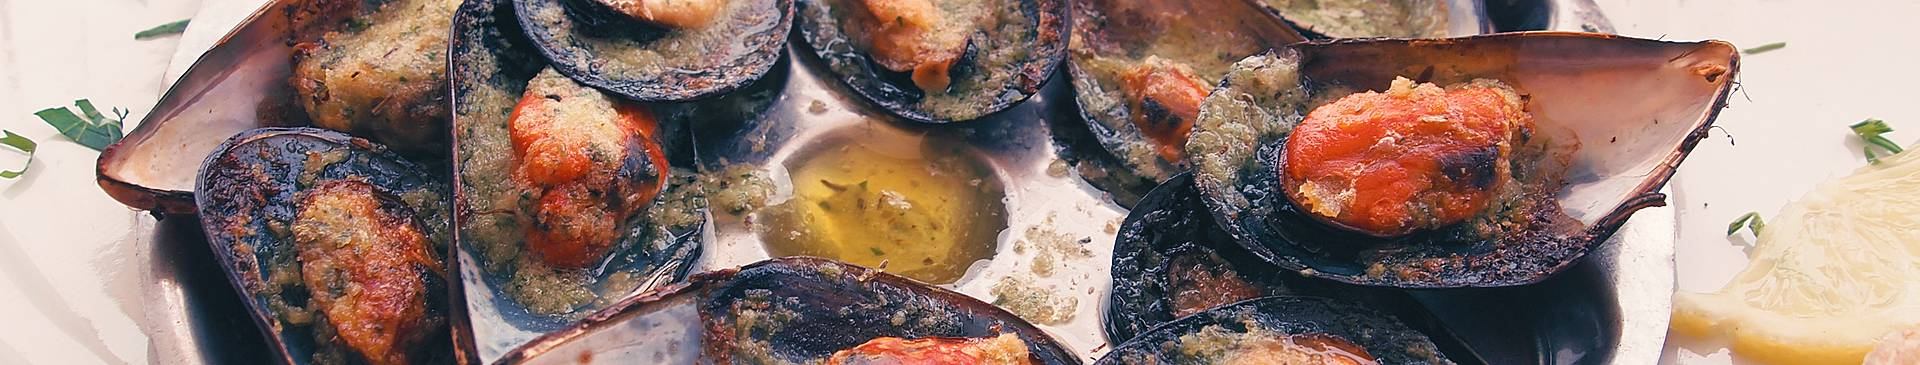 Kulinarische Reisen Korsika